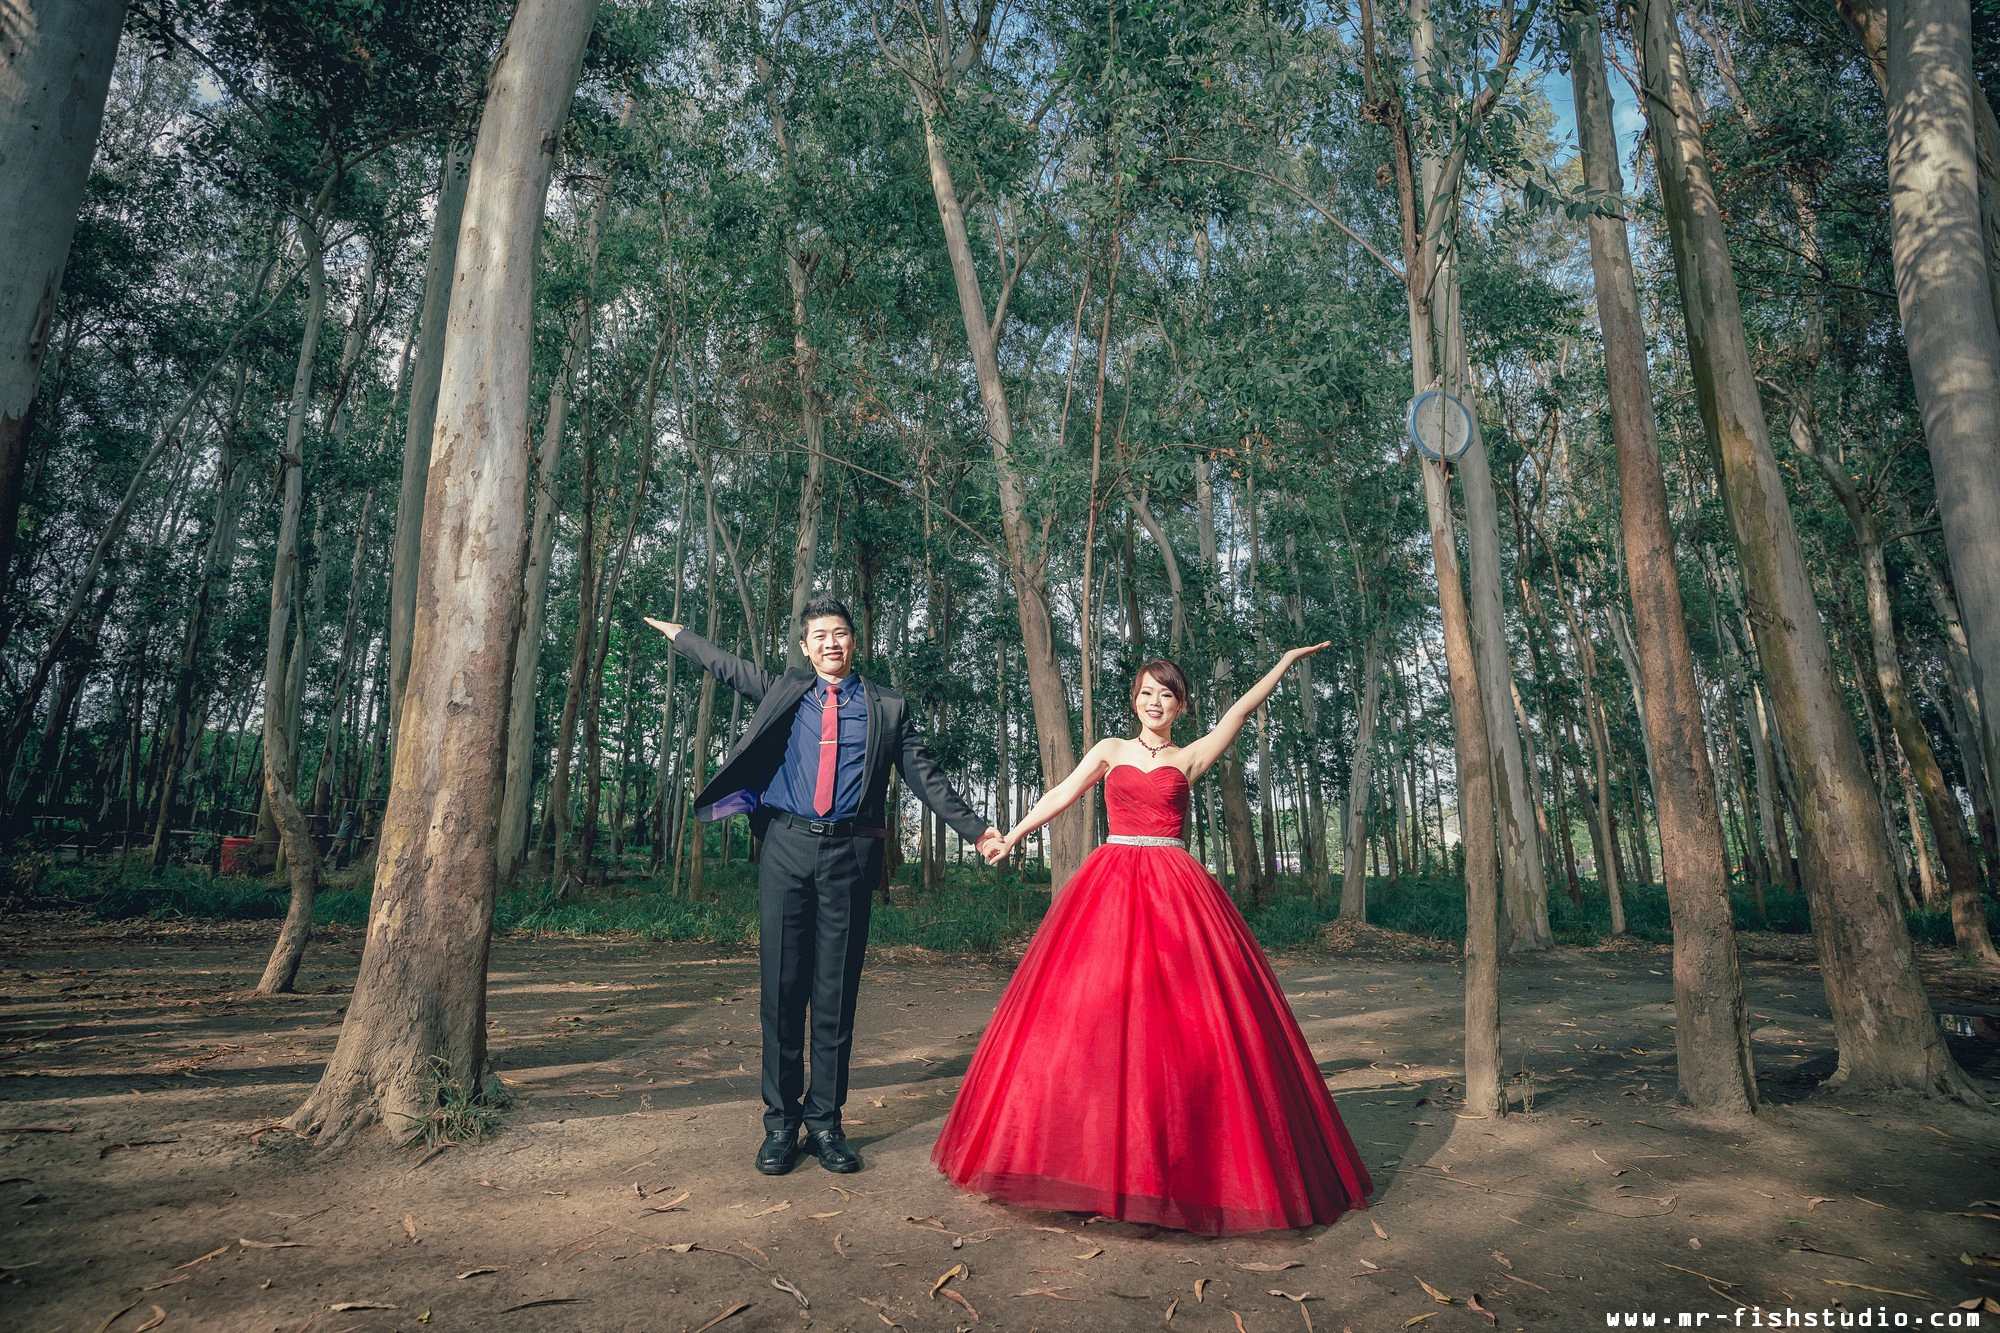 【Wedding】Austin+Anna精選